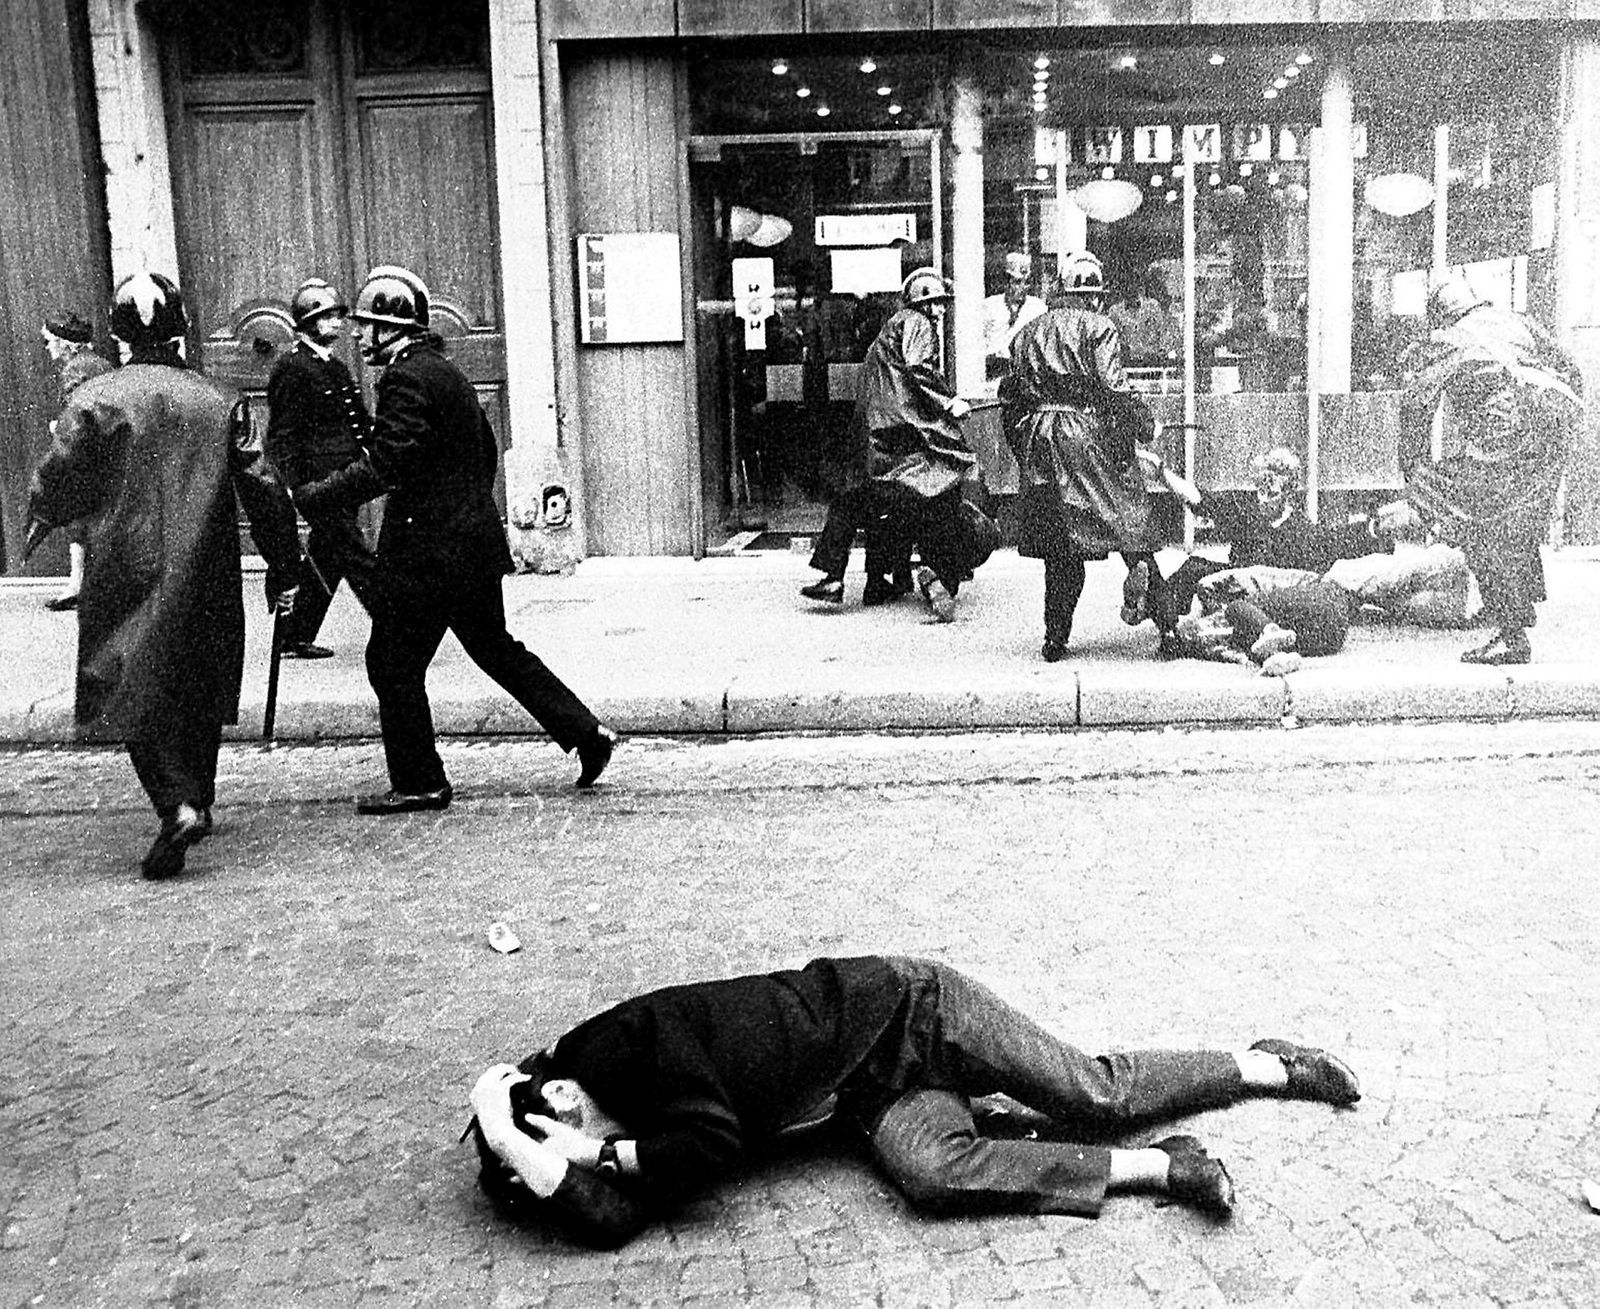 Studentopprøret og de ville streikene som ble satt i gang over hele Frankrike ble møtt med voldelige konfrontasjoner av universitetenes administrasjon og politiet. Etter uker med vold og uro ble det utlyst nyvalg den 23. juni 1968 og demonstrasjonene opphørte like raskt som de hadde oppstått tidlig i mai 1968.